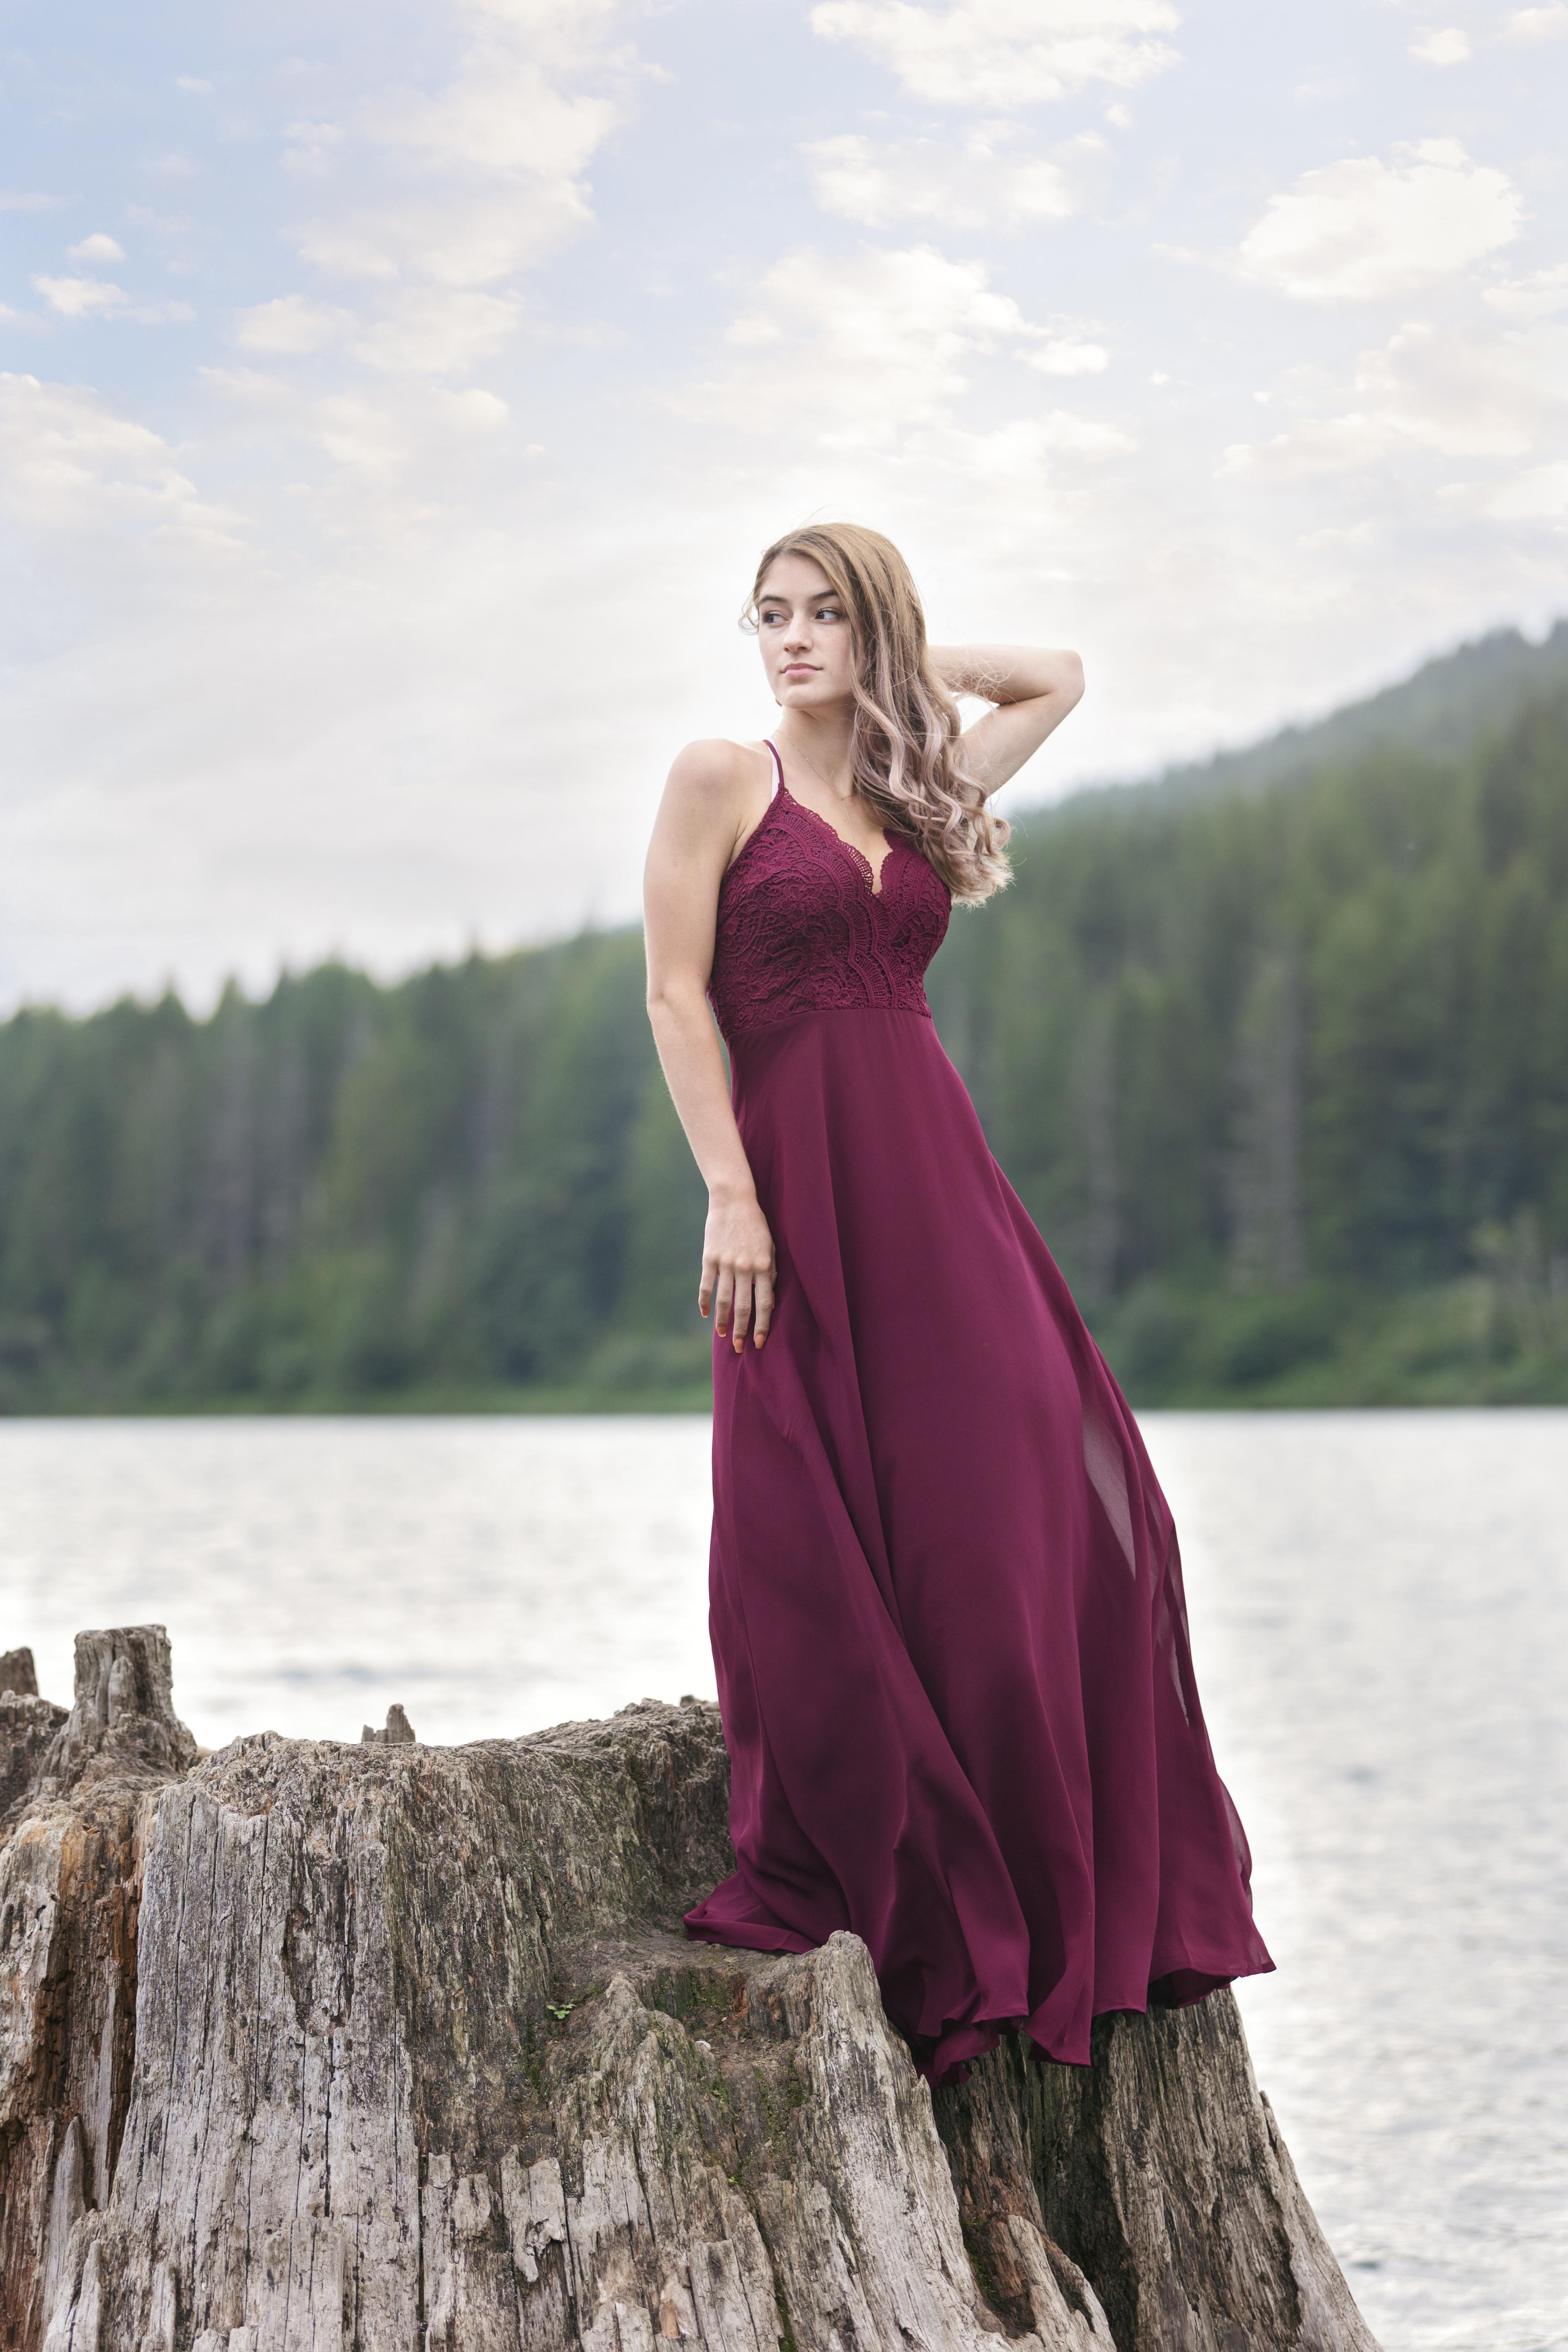 2020-08-11 - Olivia Rattlesnake Lake sen